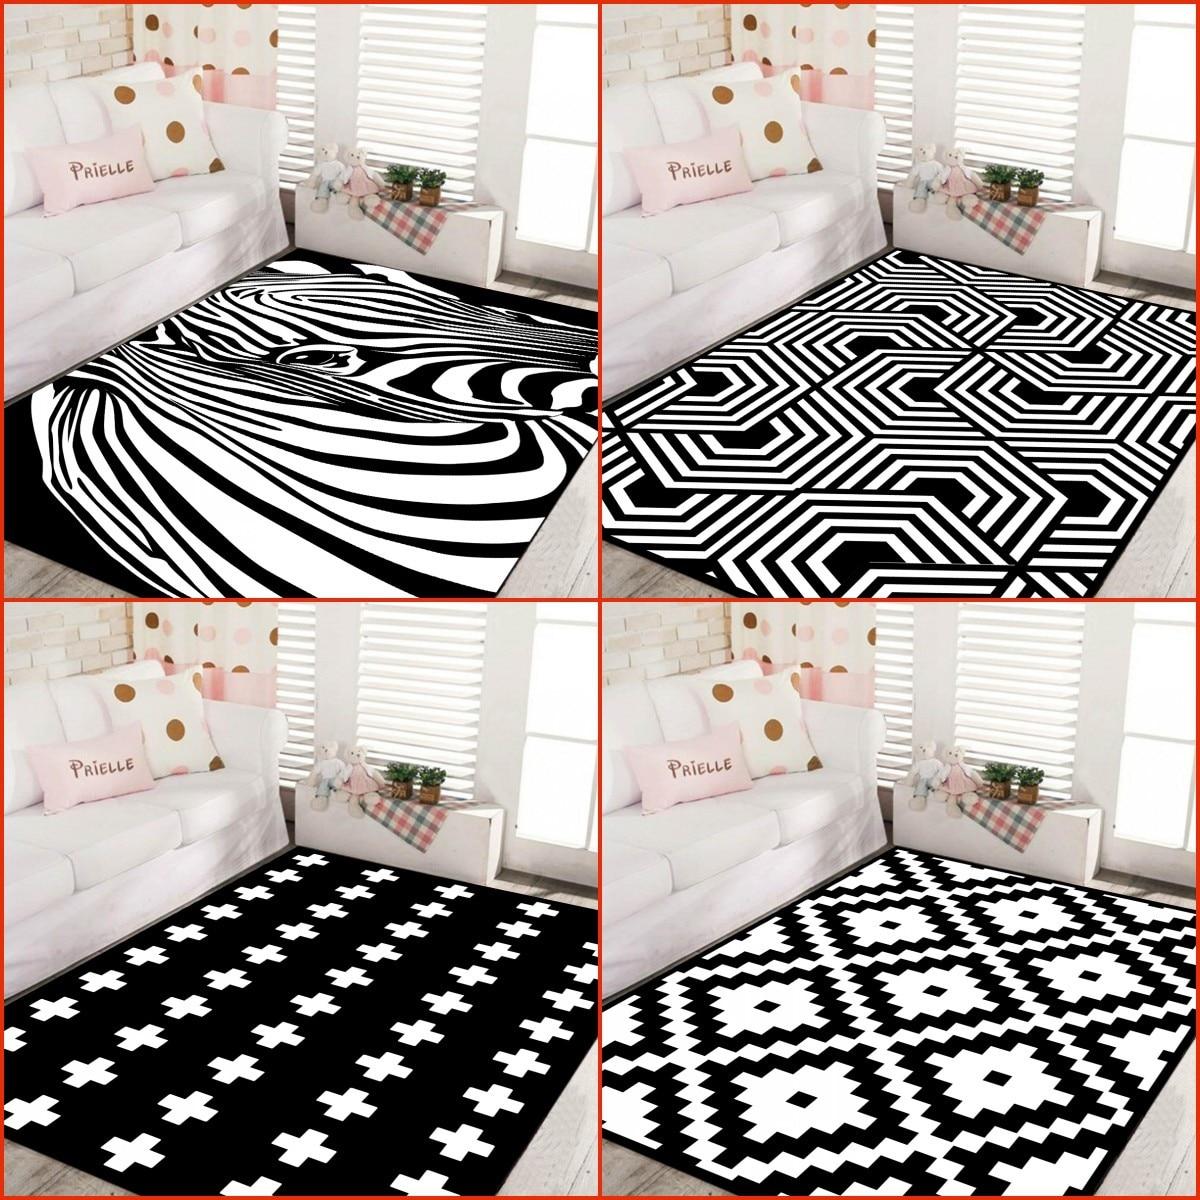 Zeegle Zebra Design Carpets For Living Room Non-slip Floor Mat Kids Room Bedroom Carpets Bedside Rugs Office Chair Floor Mats